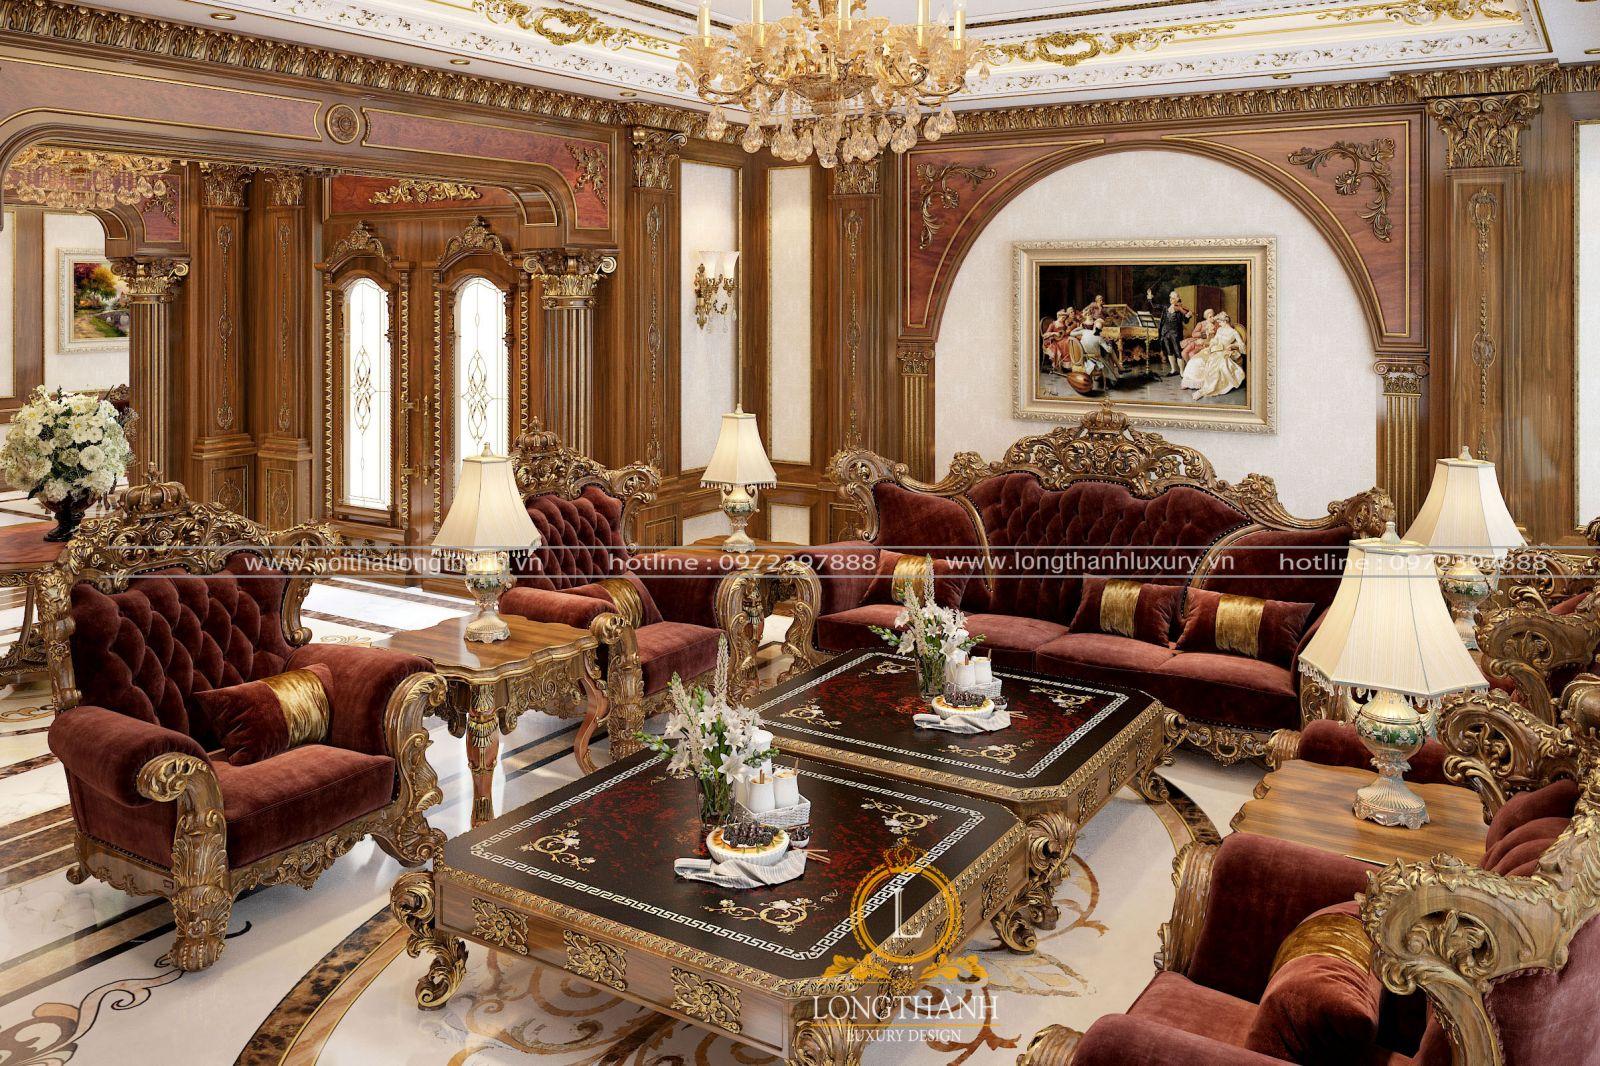 Bộ Sofa với từng chi tiết đều được nắn nót rất tinh tế